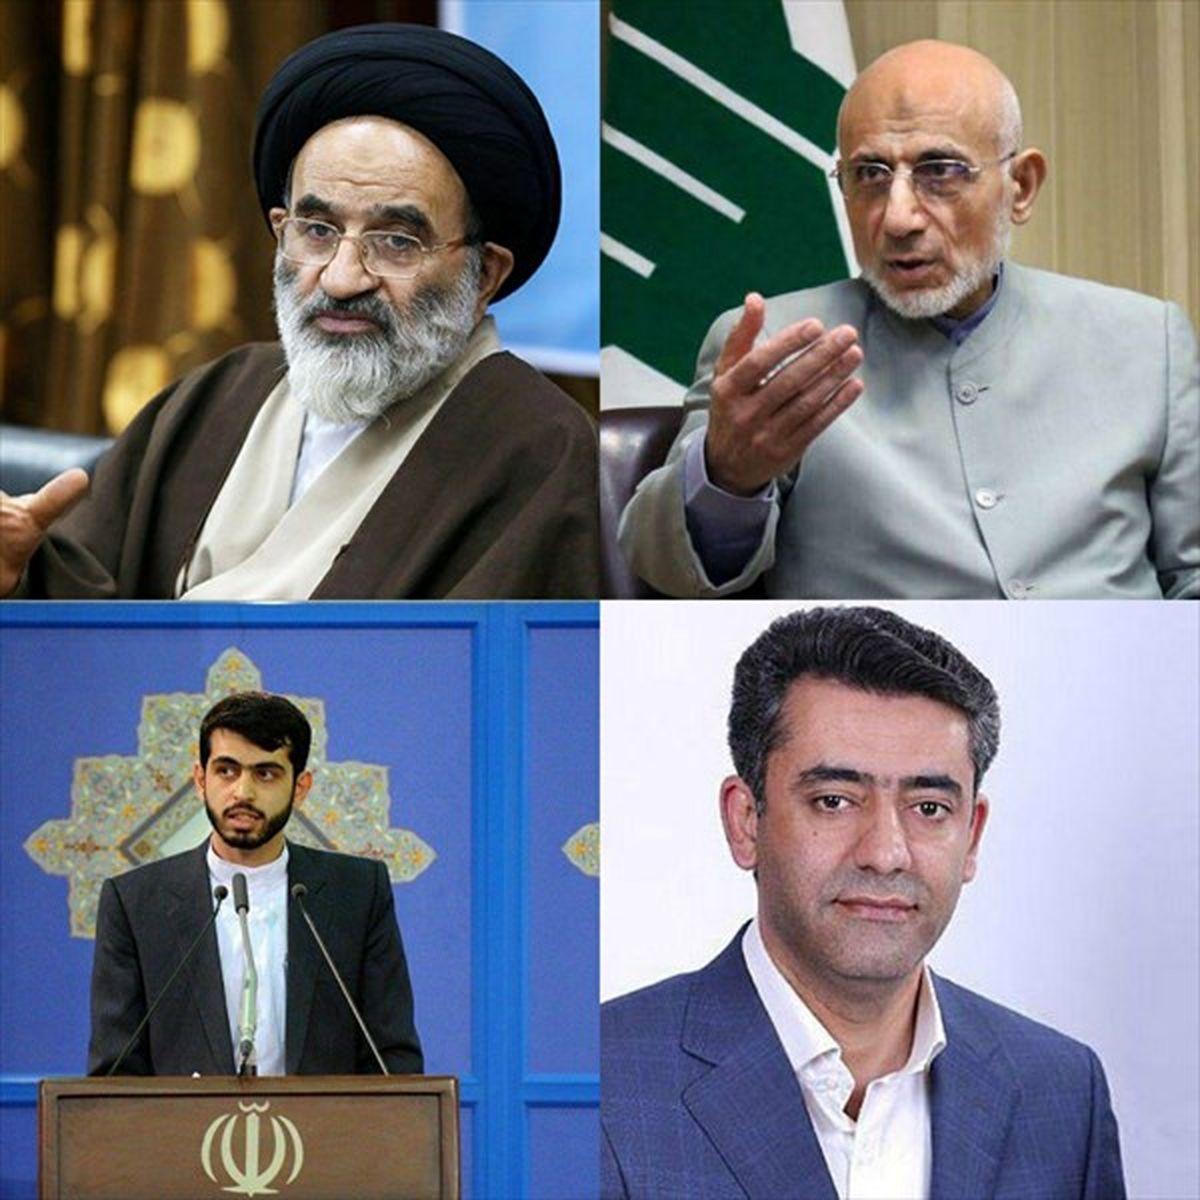 هیات رئیسه یک روزه / پیرترین نمایندگان در ۱۱ دوره مجلس را بشناسید + جدول